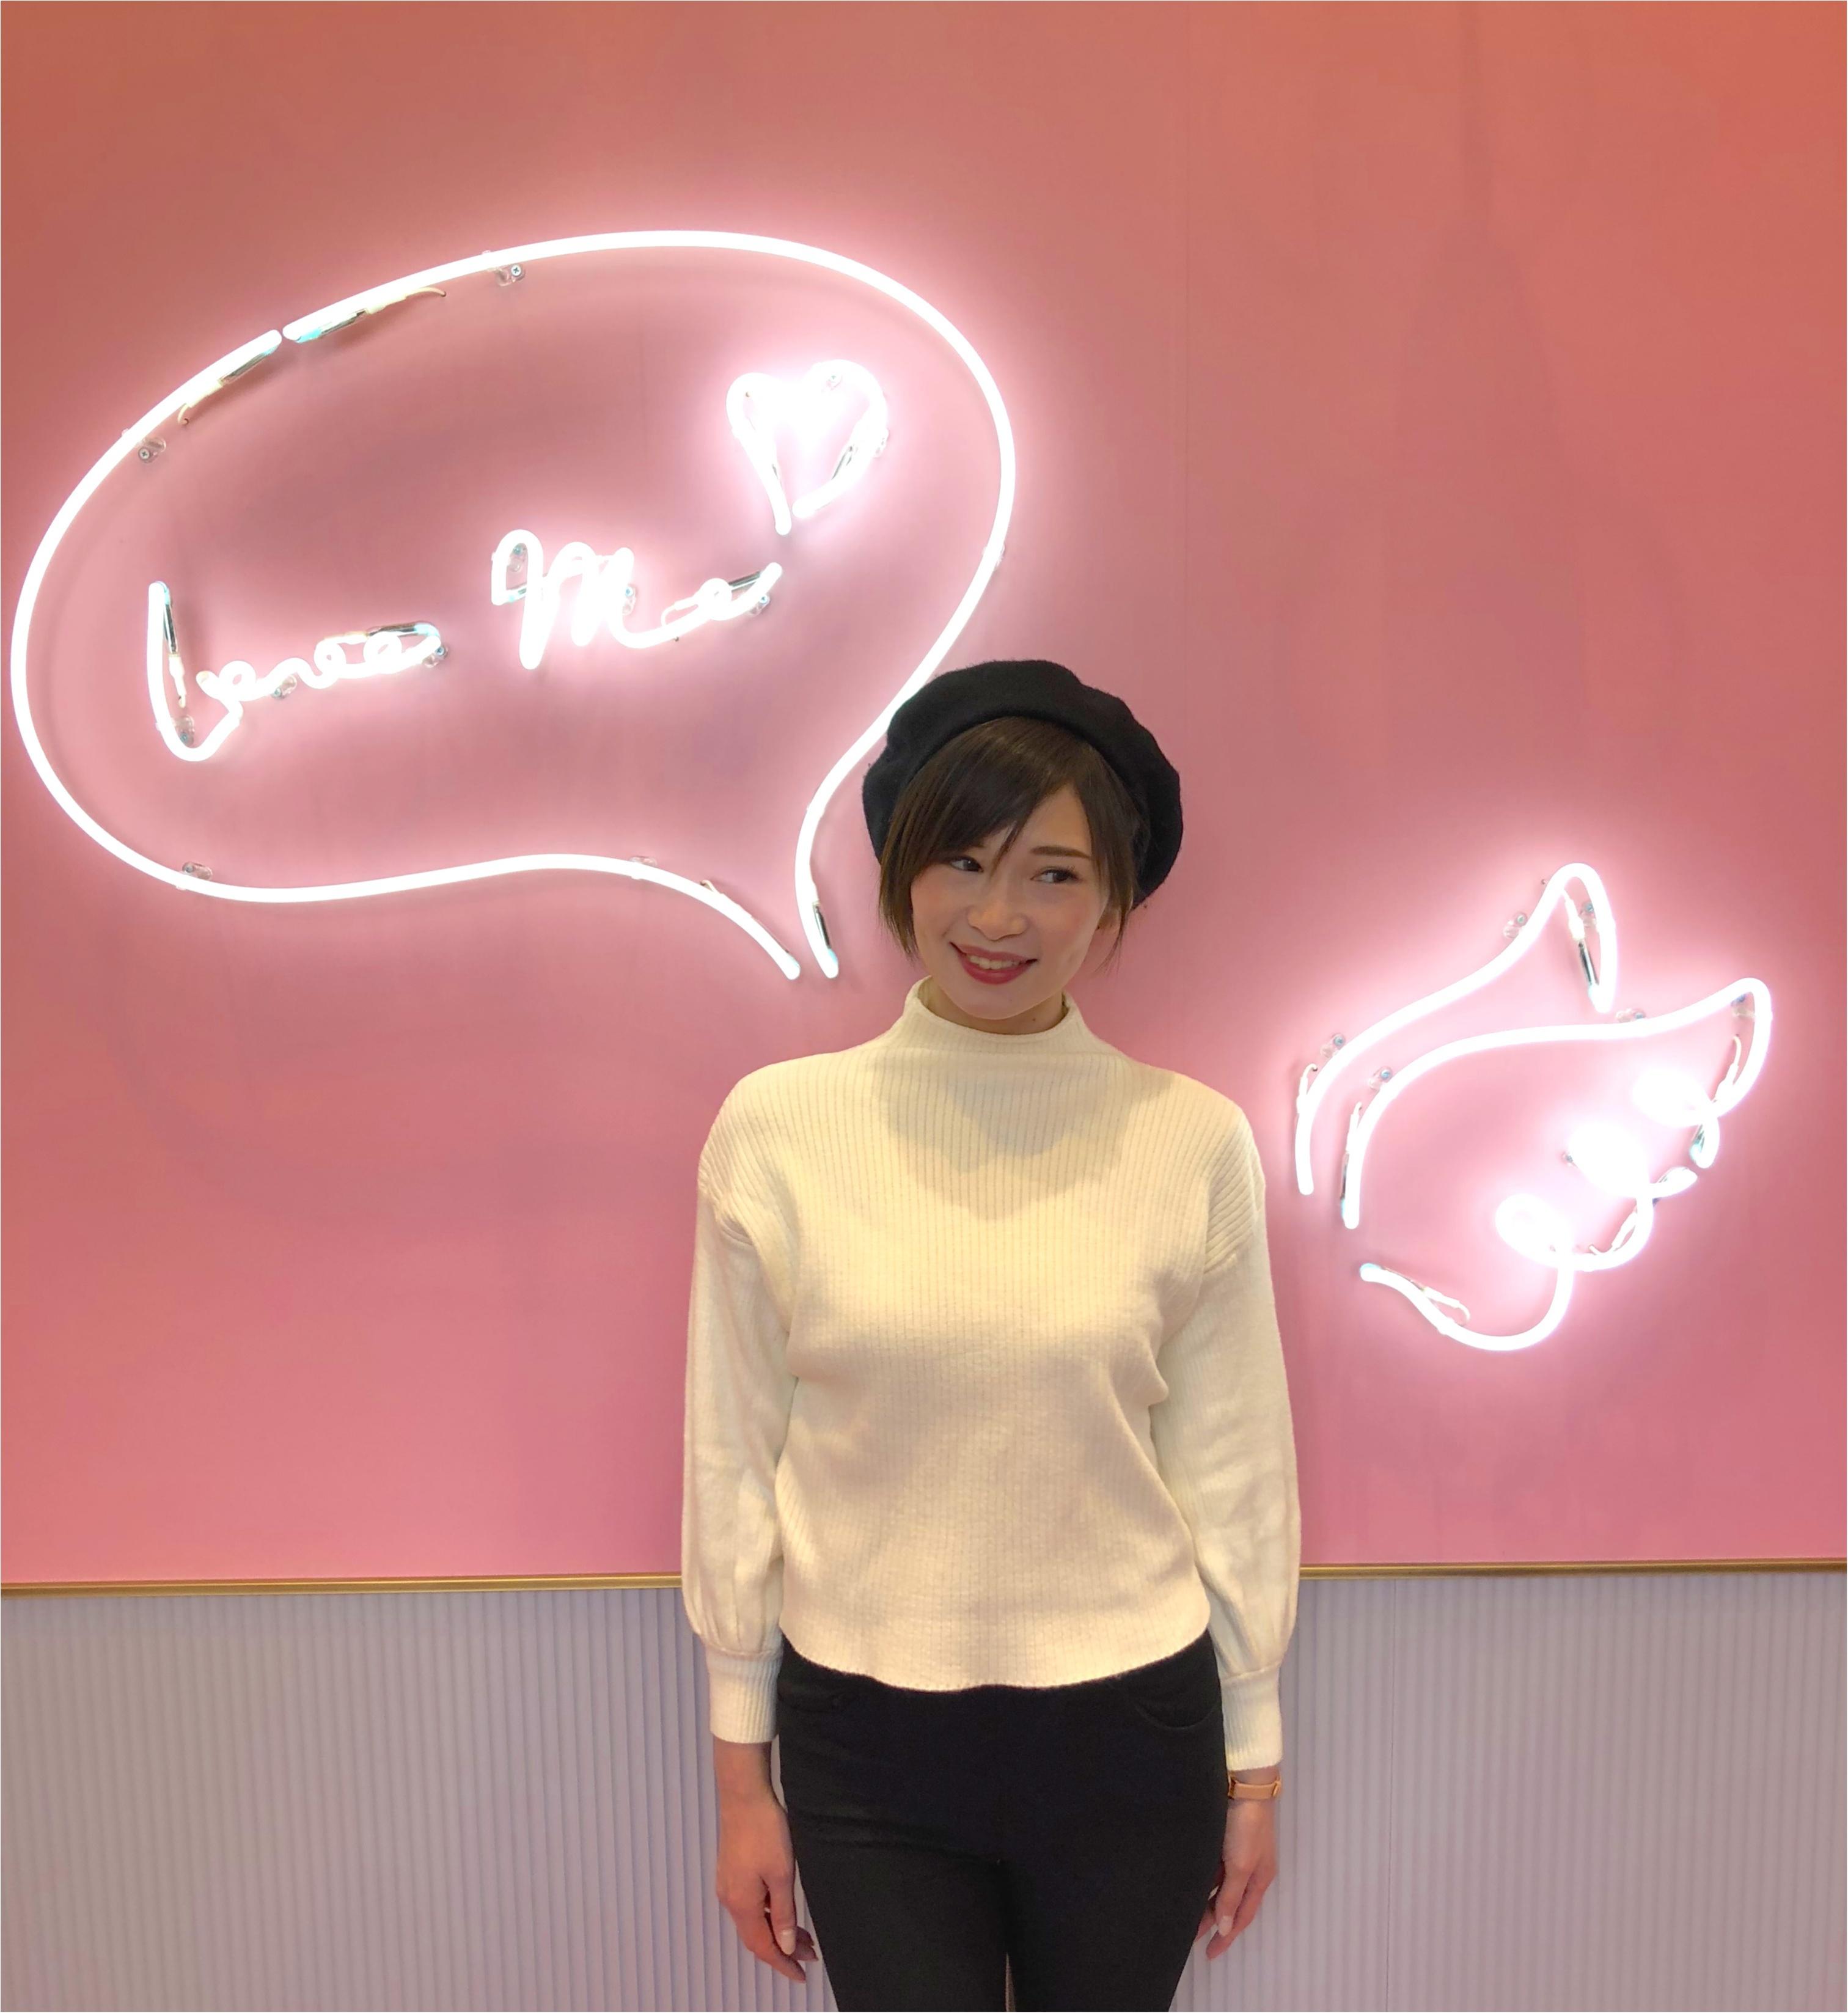 表参道で2日間限定イベント開催! 『OPERA』の新色リップで「#恋するくちびる」になろう♡【1/27(土)・28(日)】_1_4